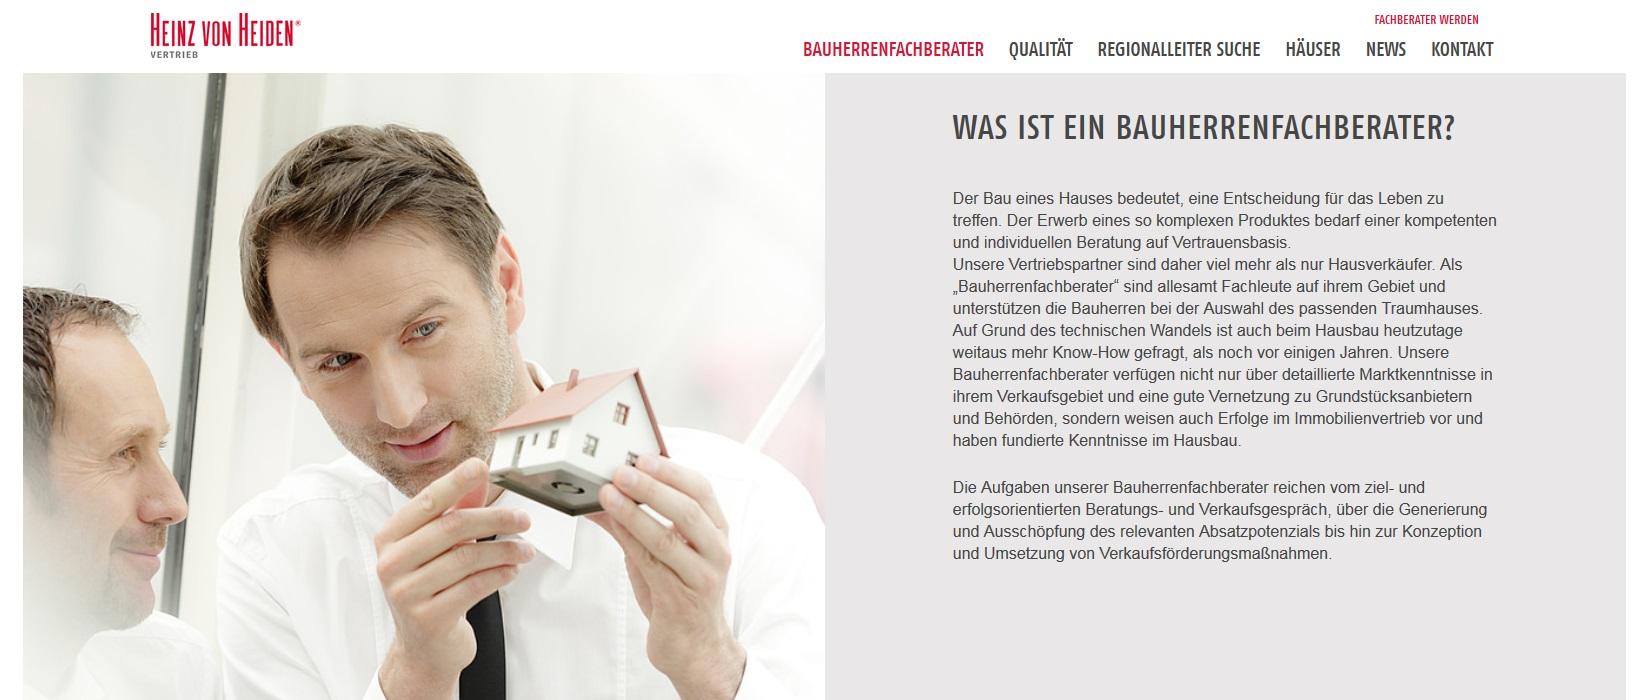 Bauherrenfachberater.de - Heinz von Heiden geht mit neuer Vertriebsplattform online